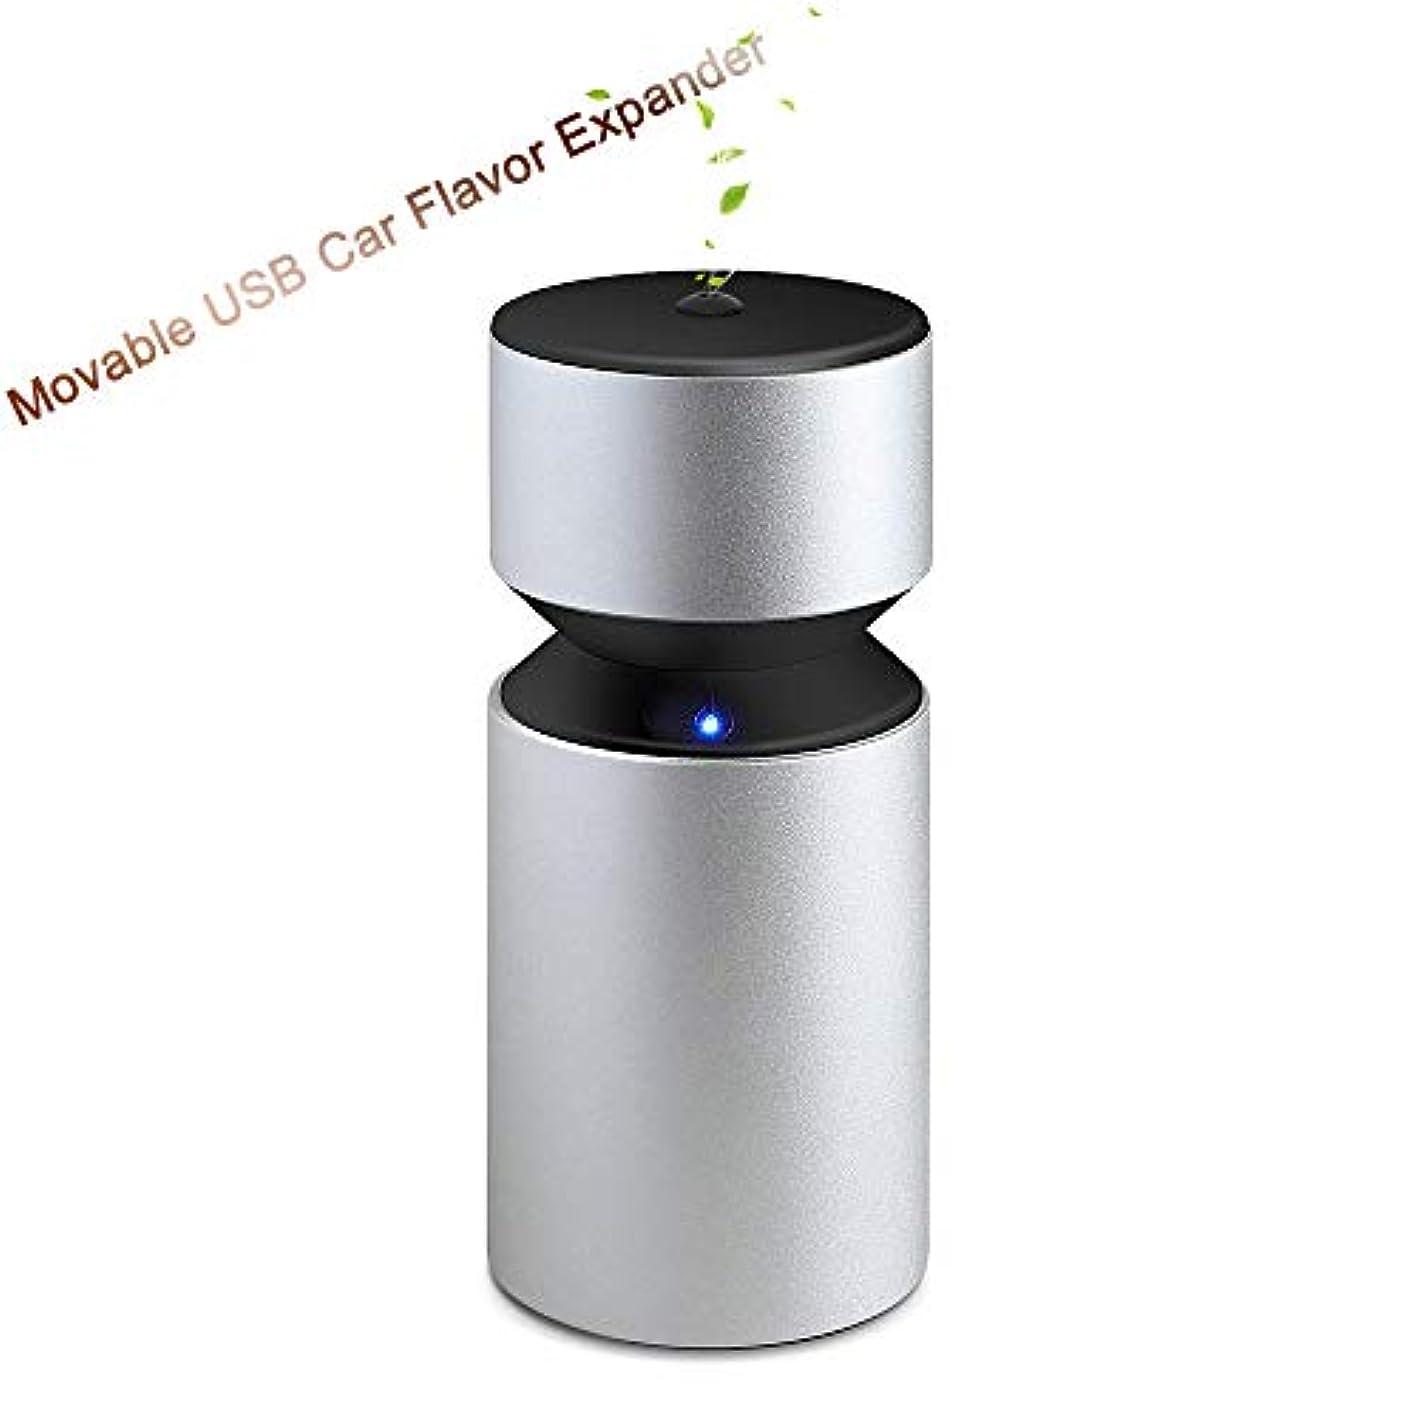 フレット酒気味の悪い車のアロマセラピーマシン、USB充電車のアロマセラピーマシン、ミニ3.0 USB充電式アロマセラピーアロマ用充電式ネブライザー